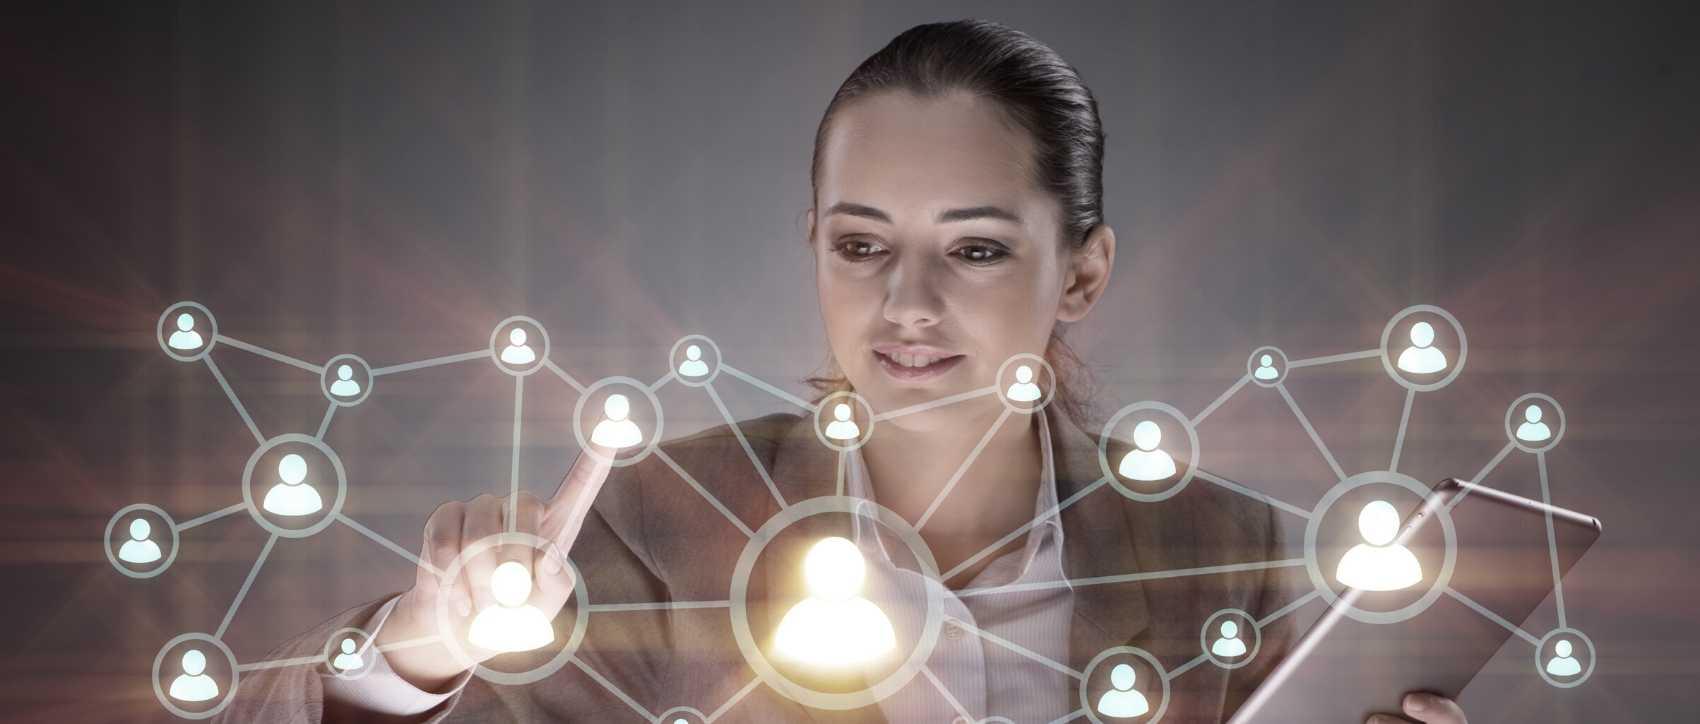 Gagner de l'argent avec le marketing de réseau